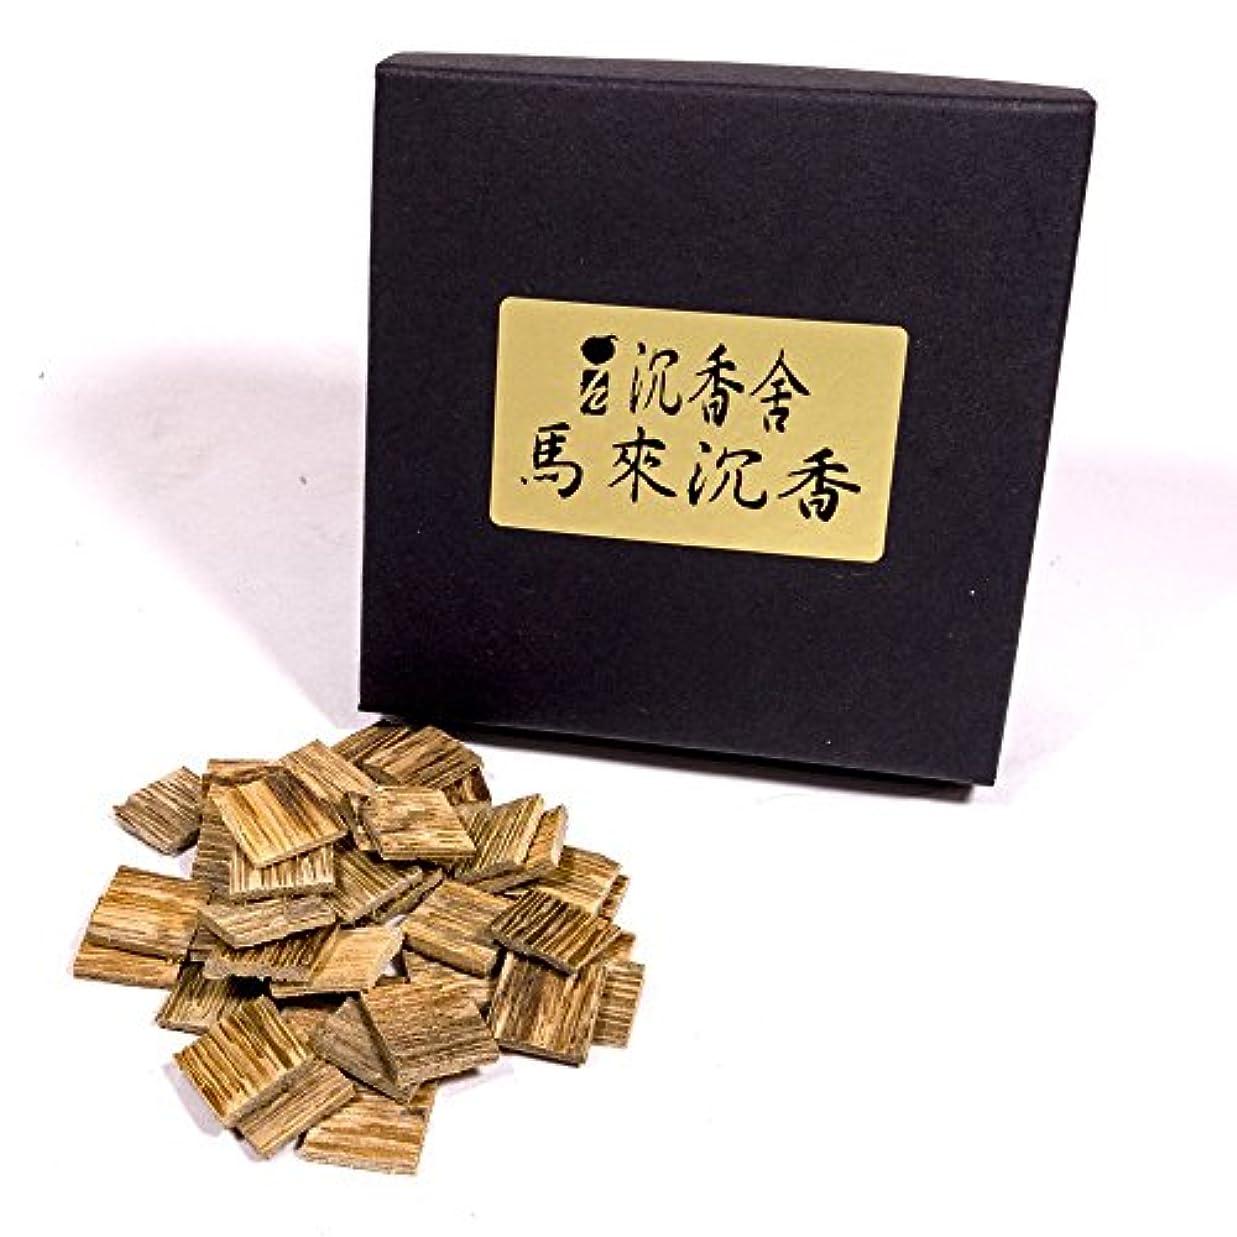 砦所属取得馬來西亞 沈香角割刻み マレーシア産 沈香 5g お香 お焼香 焼香 天然沈香香木刻み こづつ用